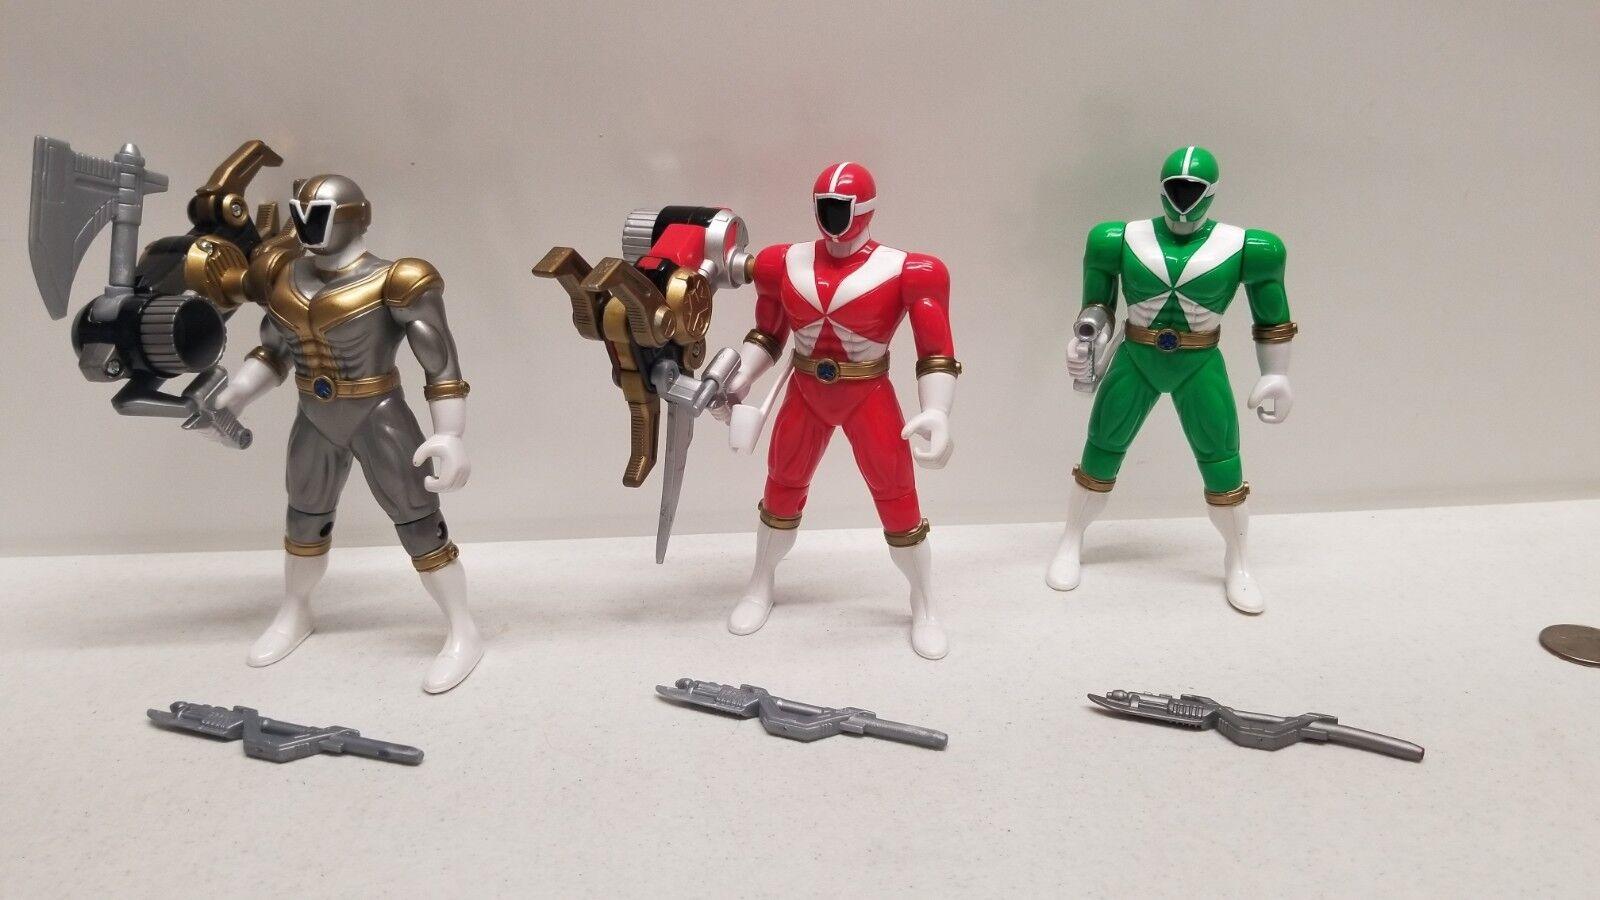 Power Power Power Ranger LIGHTSPEED Green - Red - Titanium RESCUE figures morpher megazord c26f41